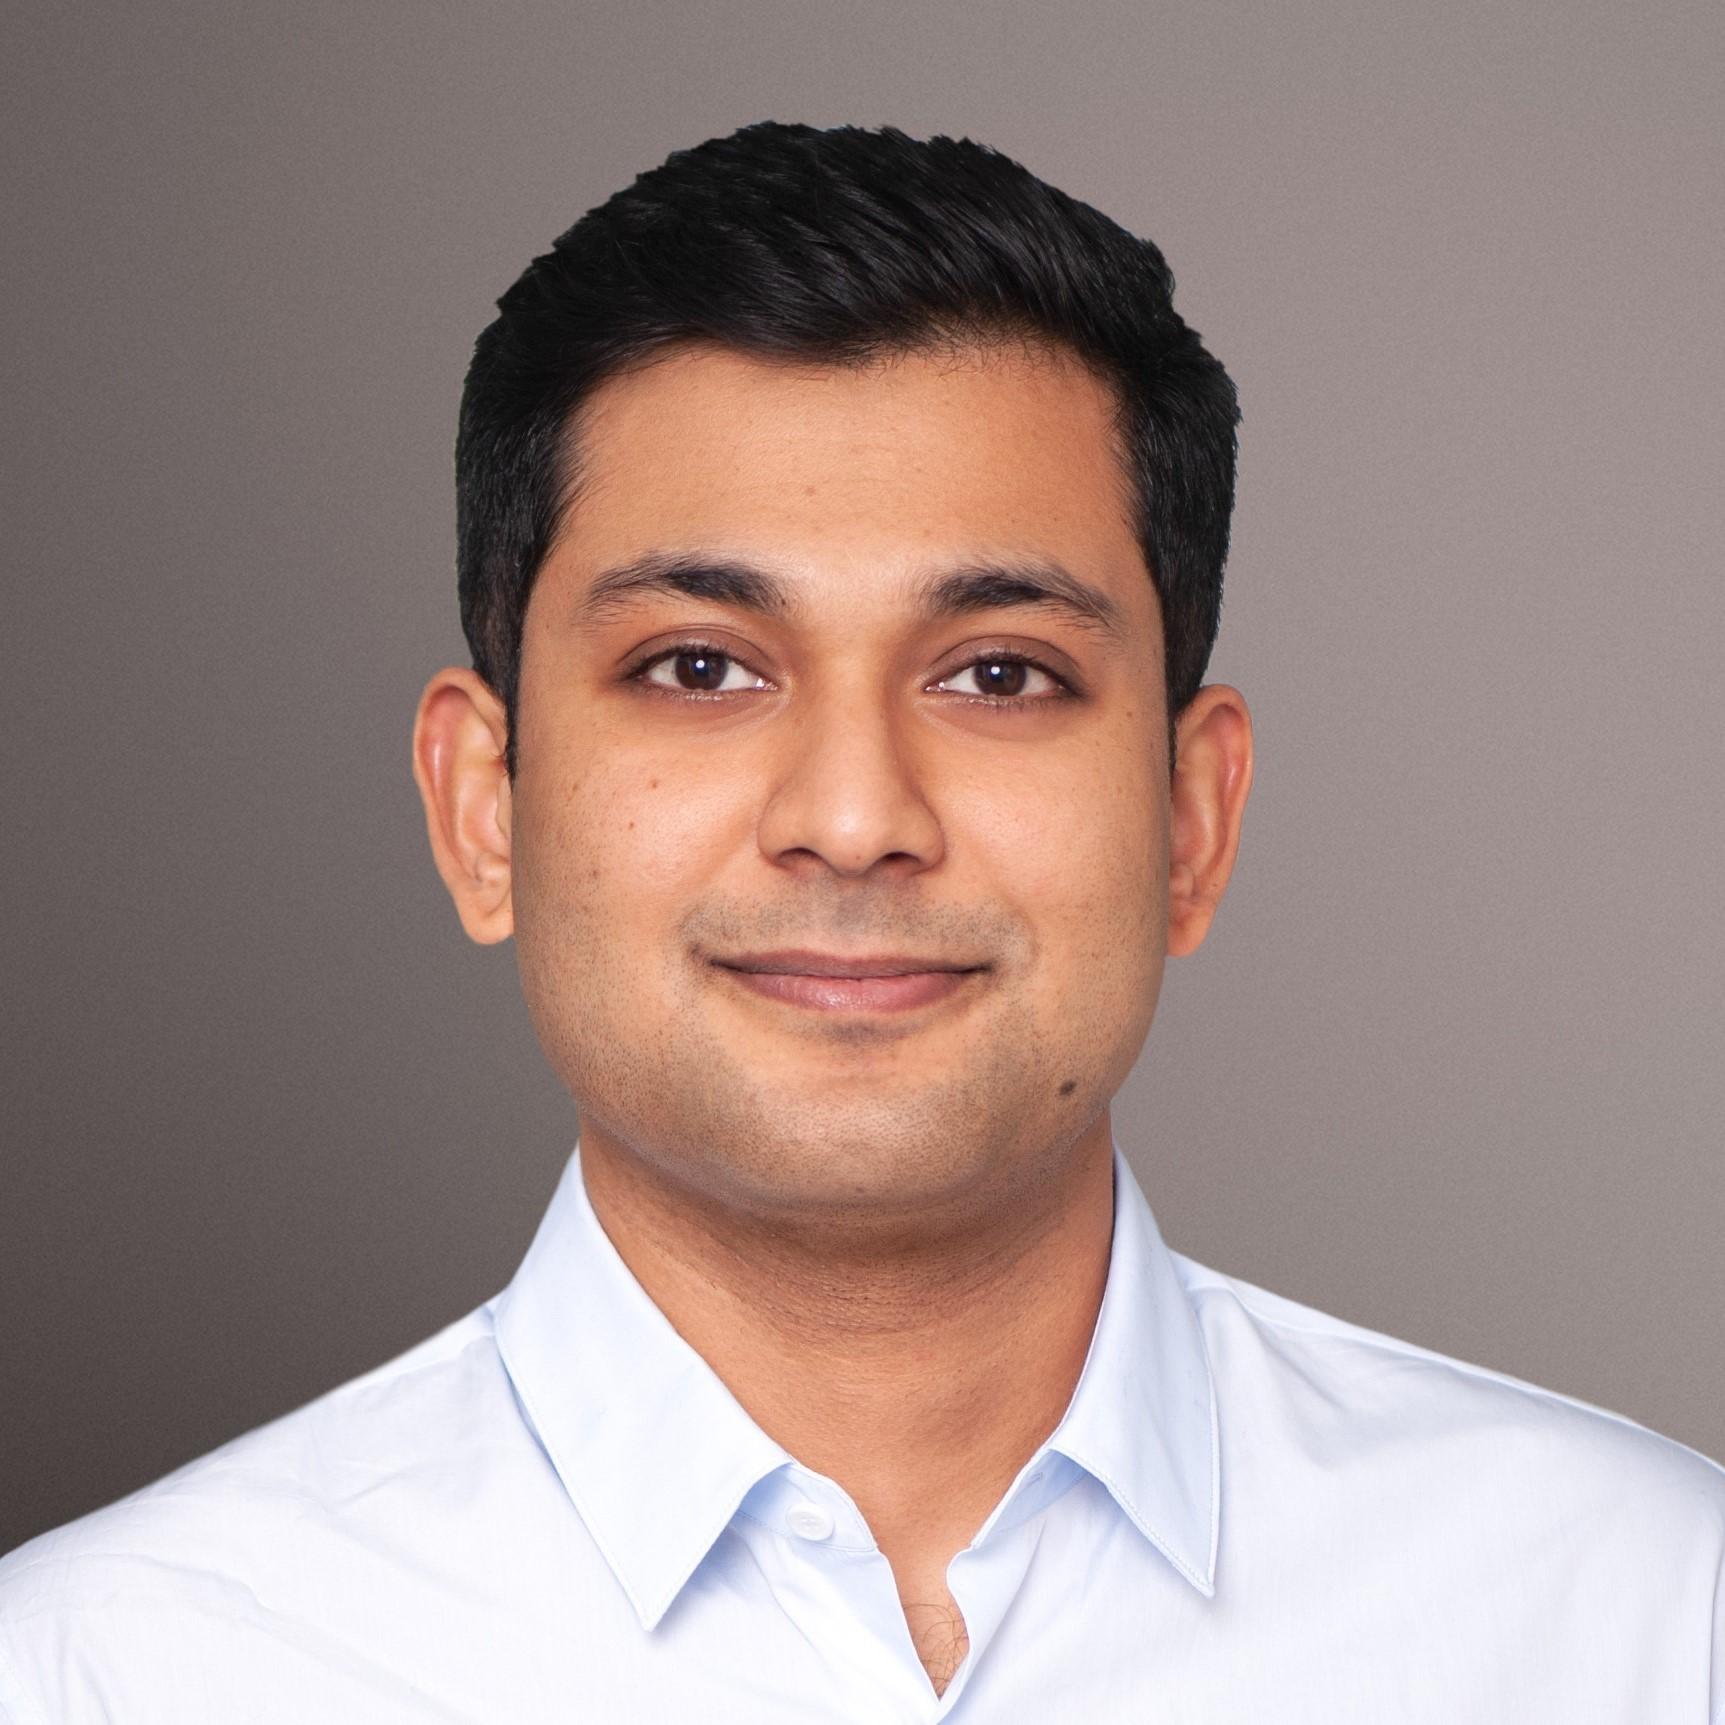 Photo of Adarsh Ankush